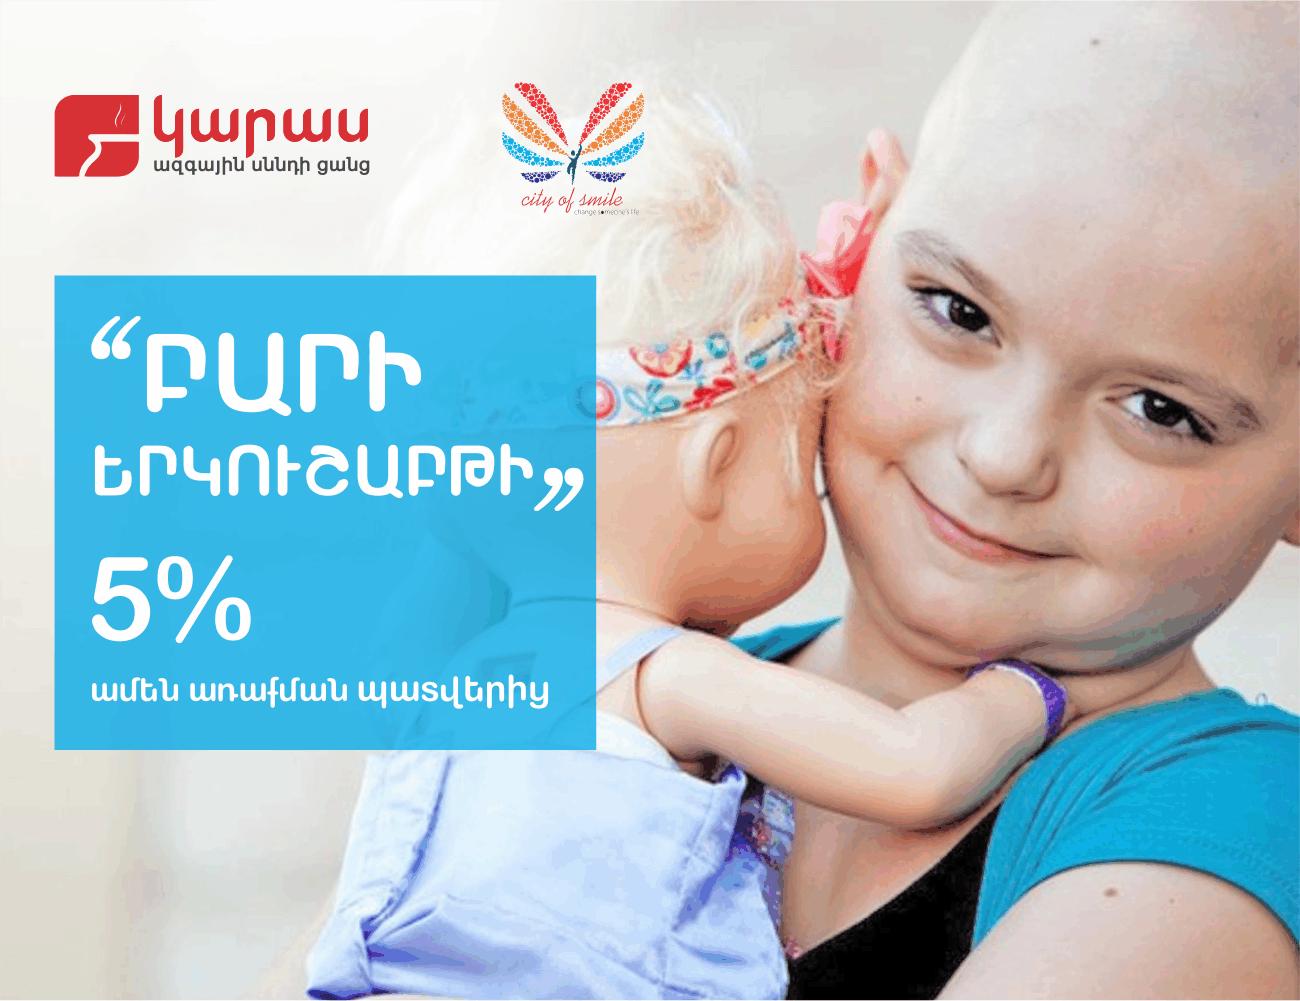 Բարի երկուշաբթի Կարասում. Ձեր պատվերի 5% փոխանցվում է քաղցկեղով հիվանդ երեխաների բուժմանը